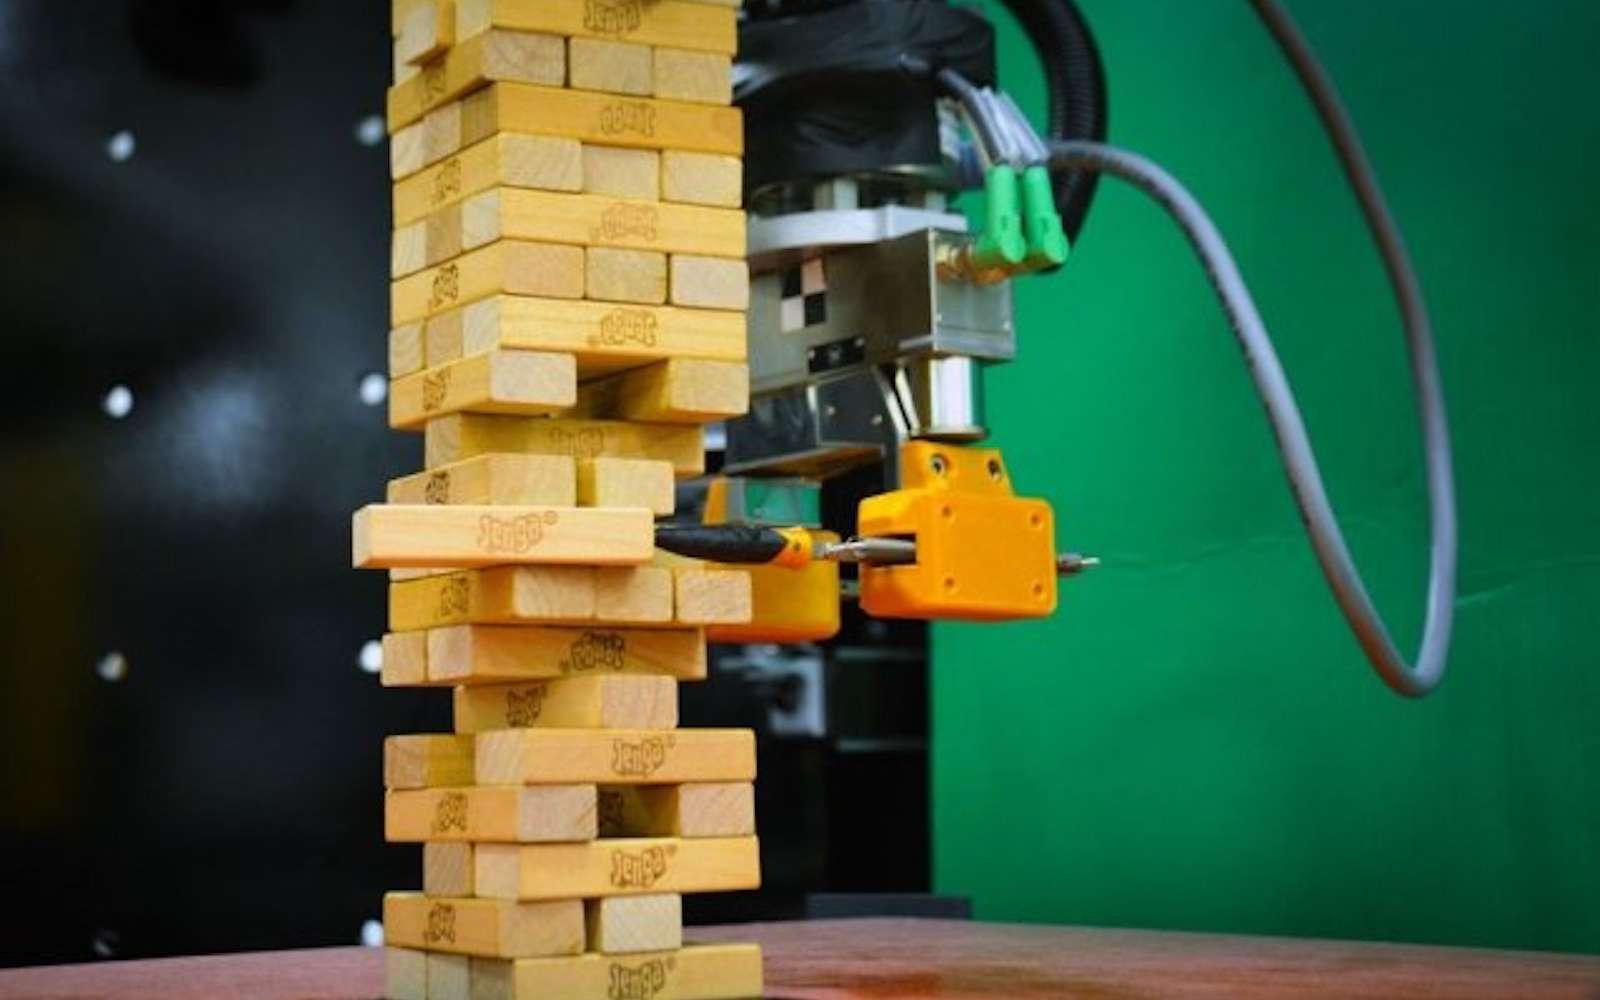 Très populaire aux États-Unis, le Jenga nécessite de l'anticipation, de la manipulation et de la précision. © MIT